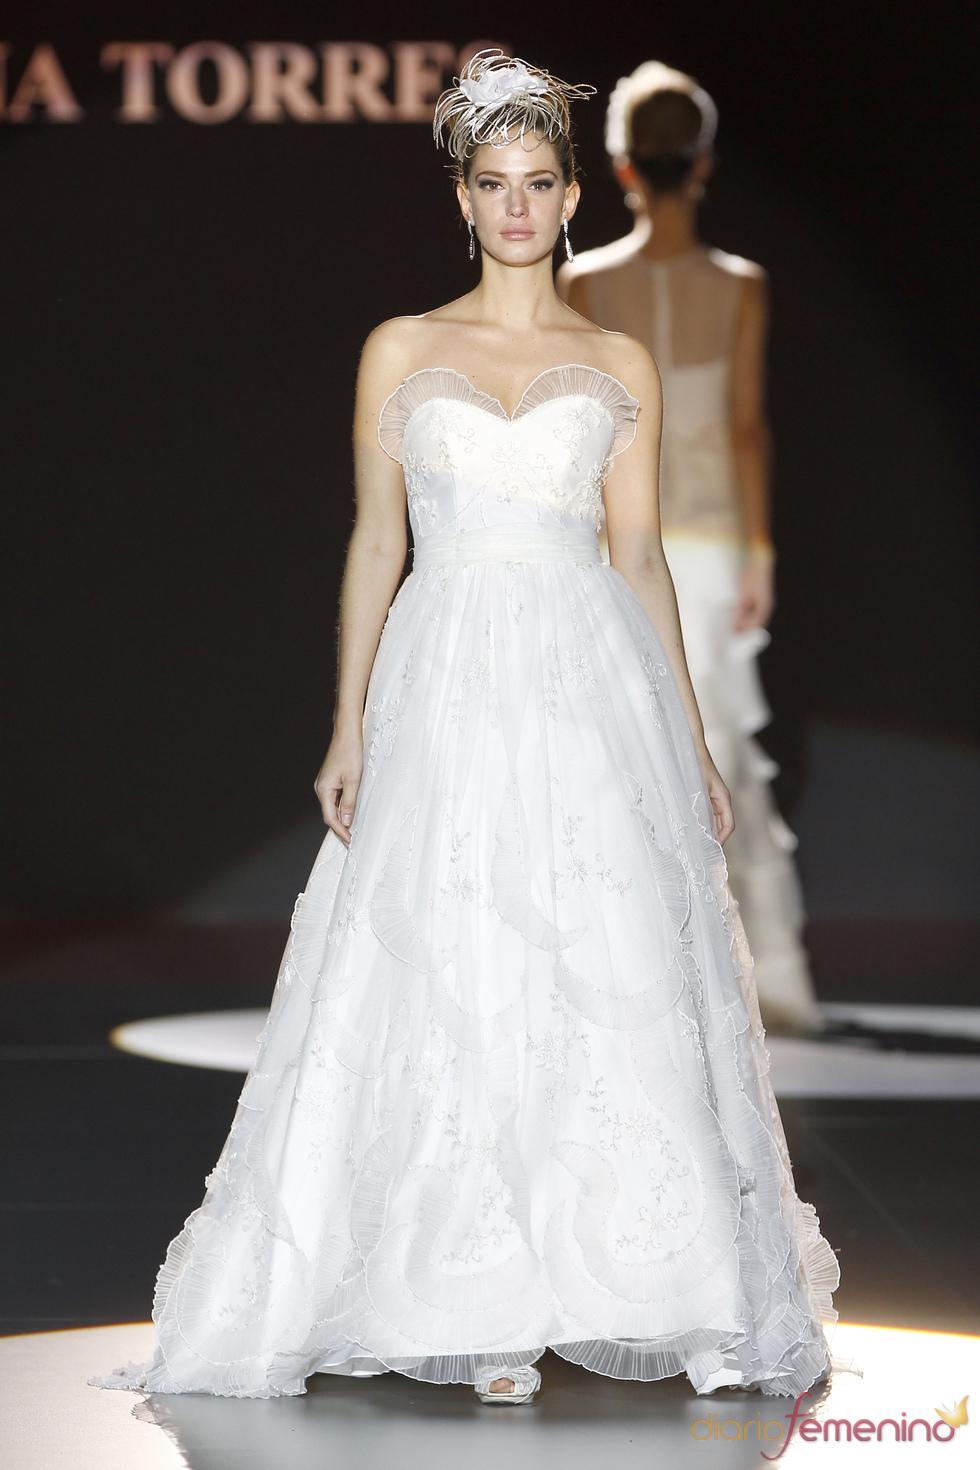 Ana Torres viste a la novia con elegancia